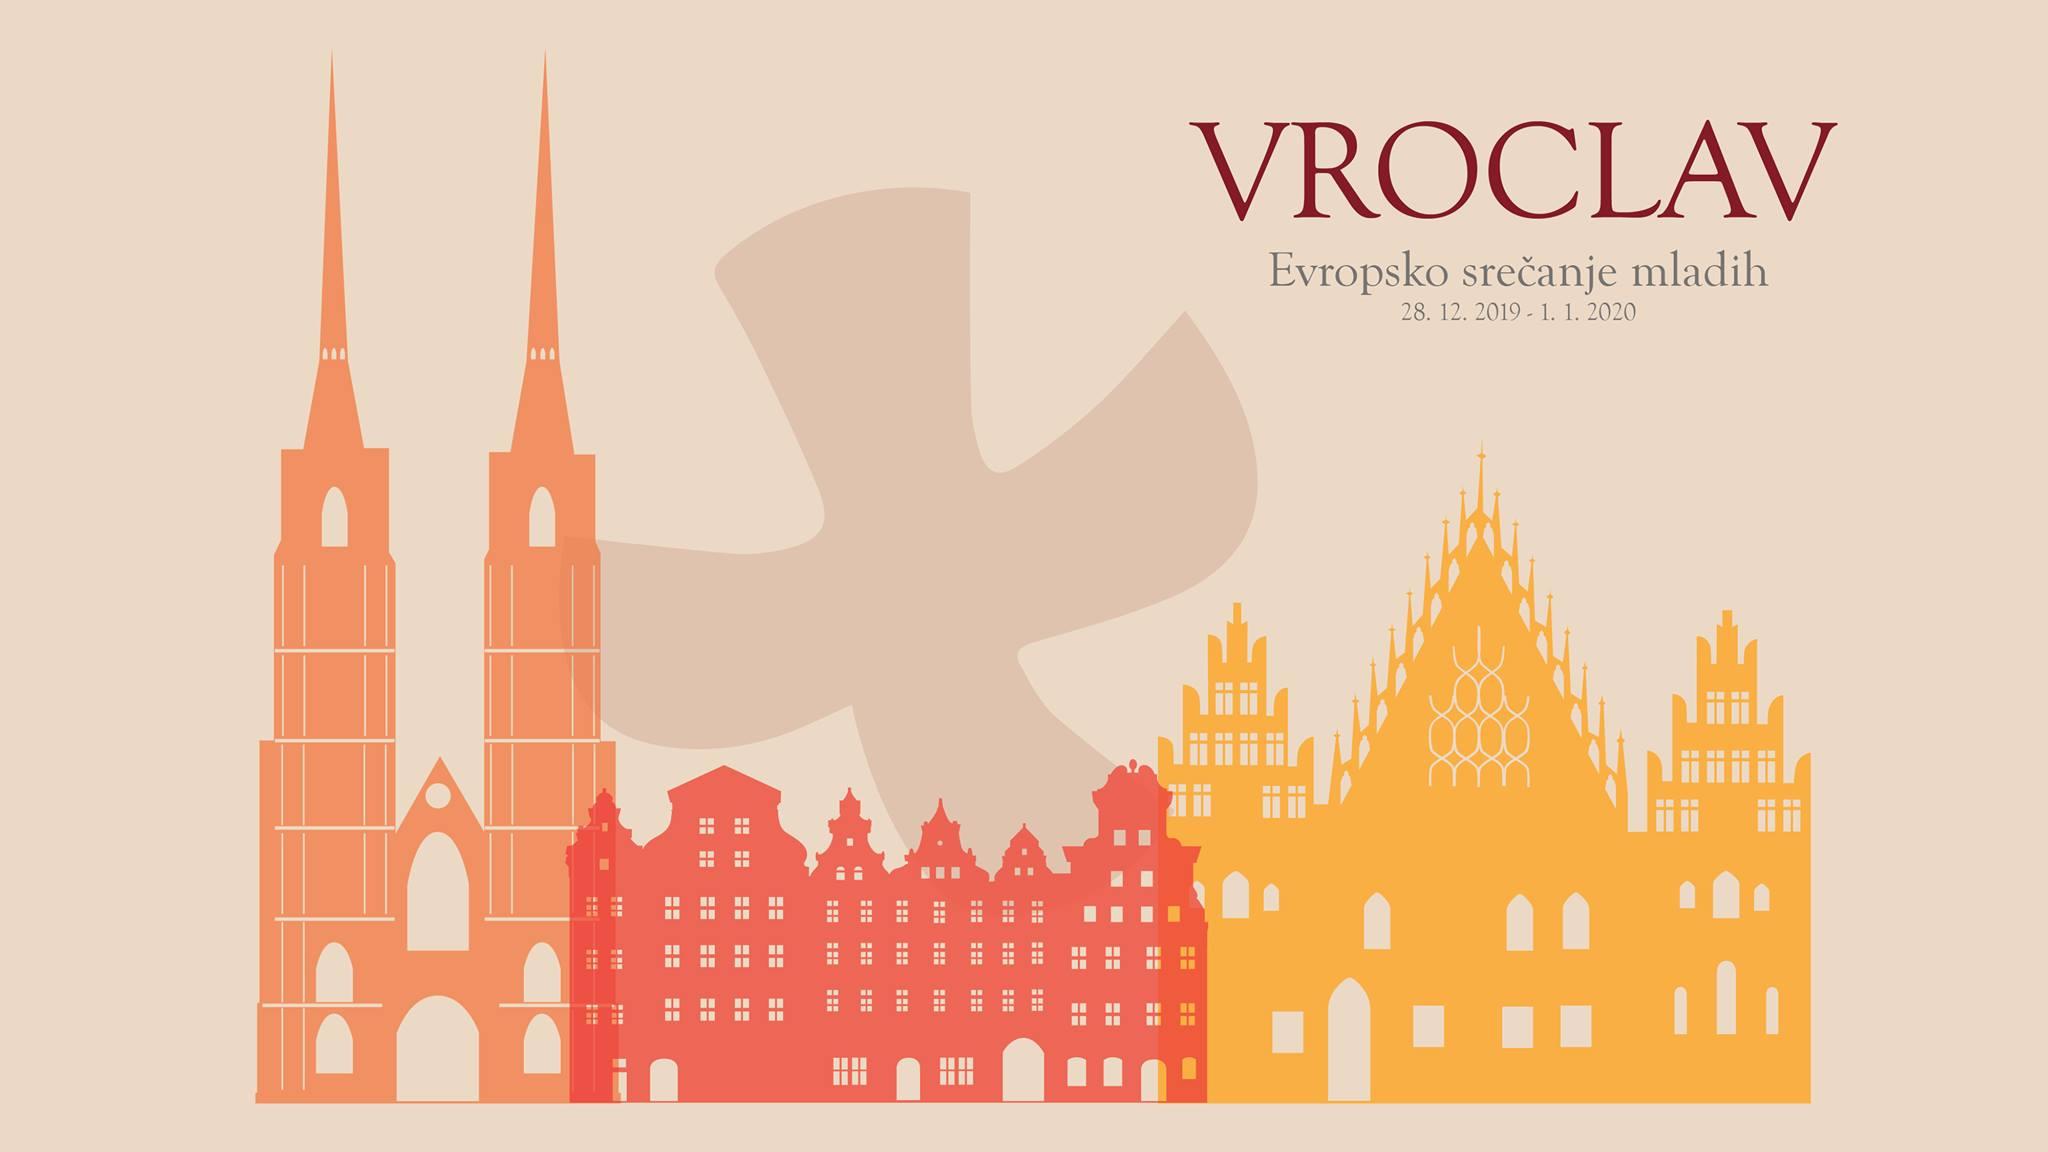 Evropsko srečanje mladih - Vroclav 2019